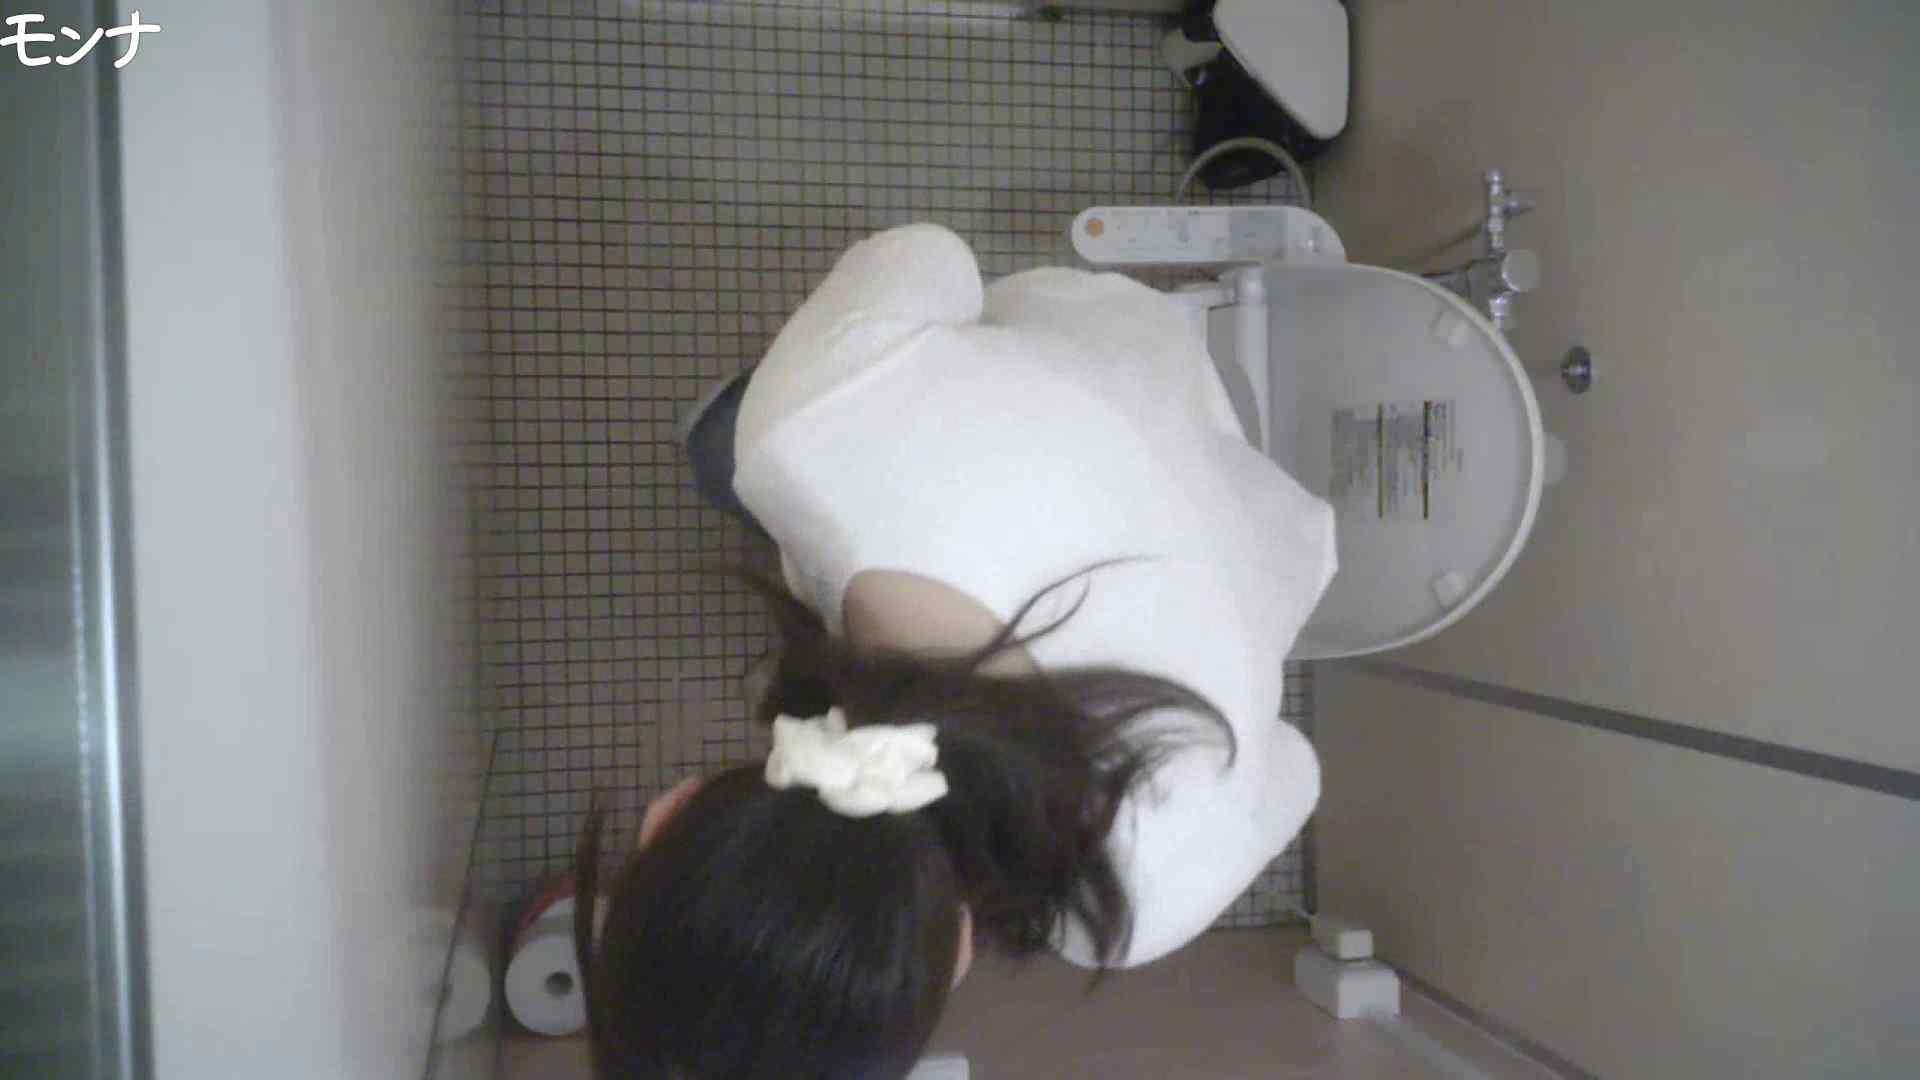 有名大学女性洗面所 vol.65 秘技!!マルチアングル天井撮り!! 0  79連発 27